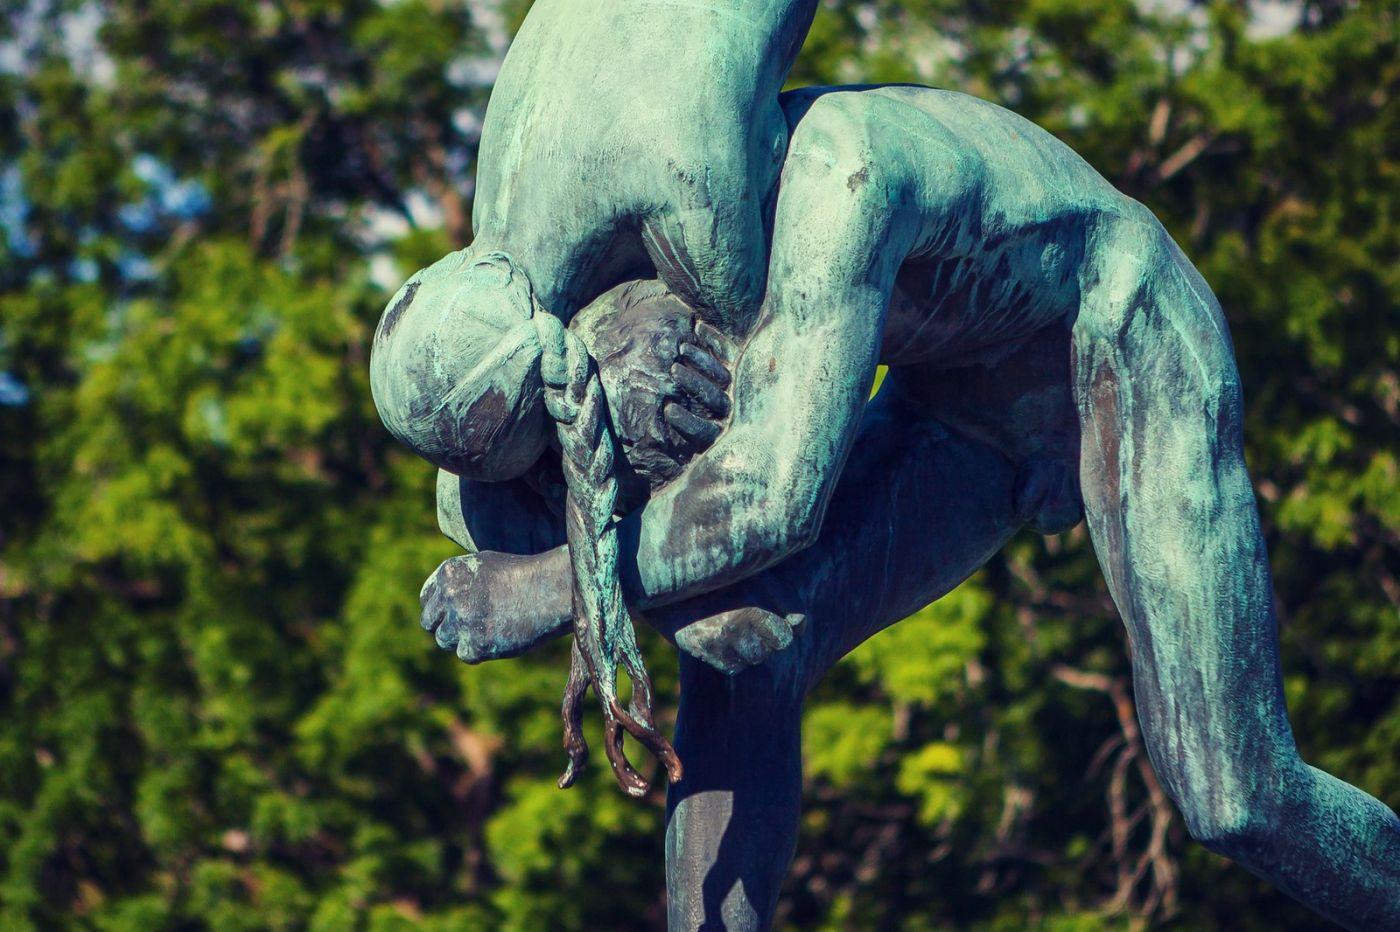 挪威维格兰雕塑公园,风格明显_图1-33